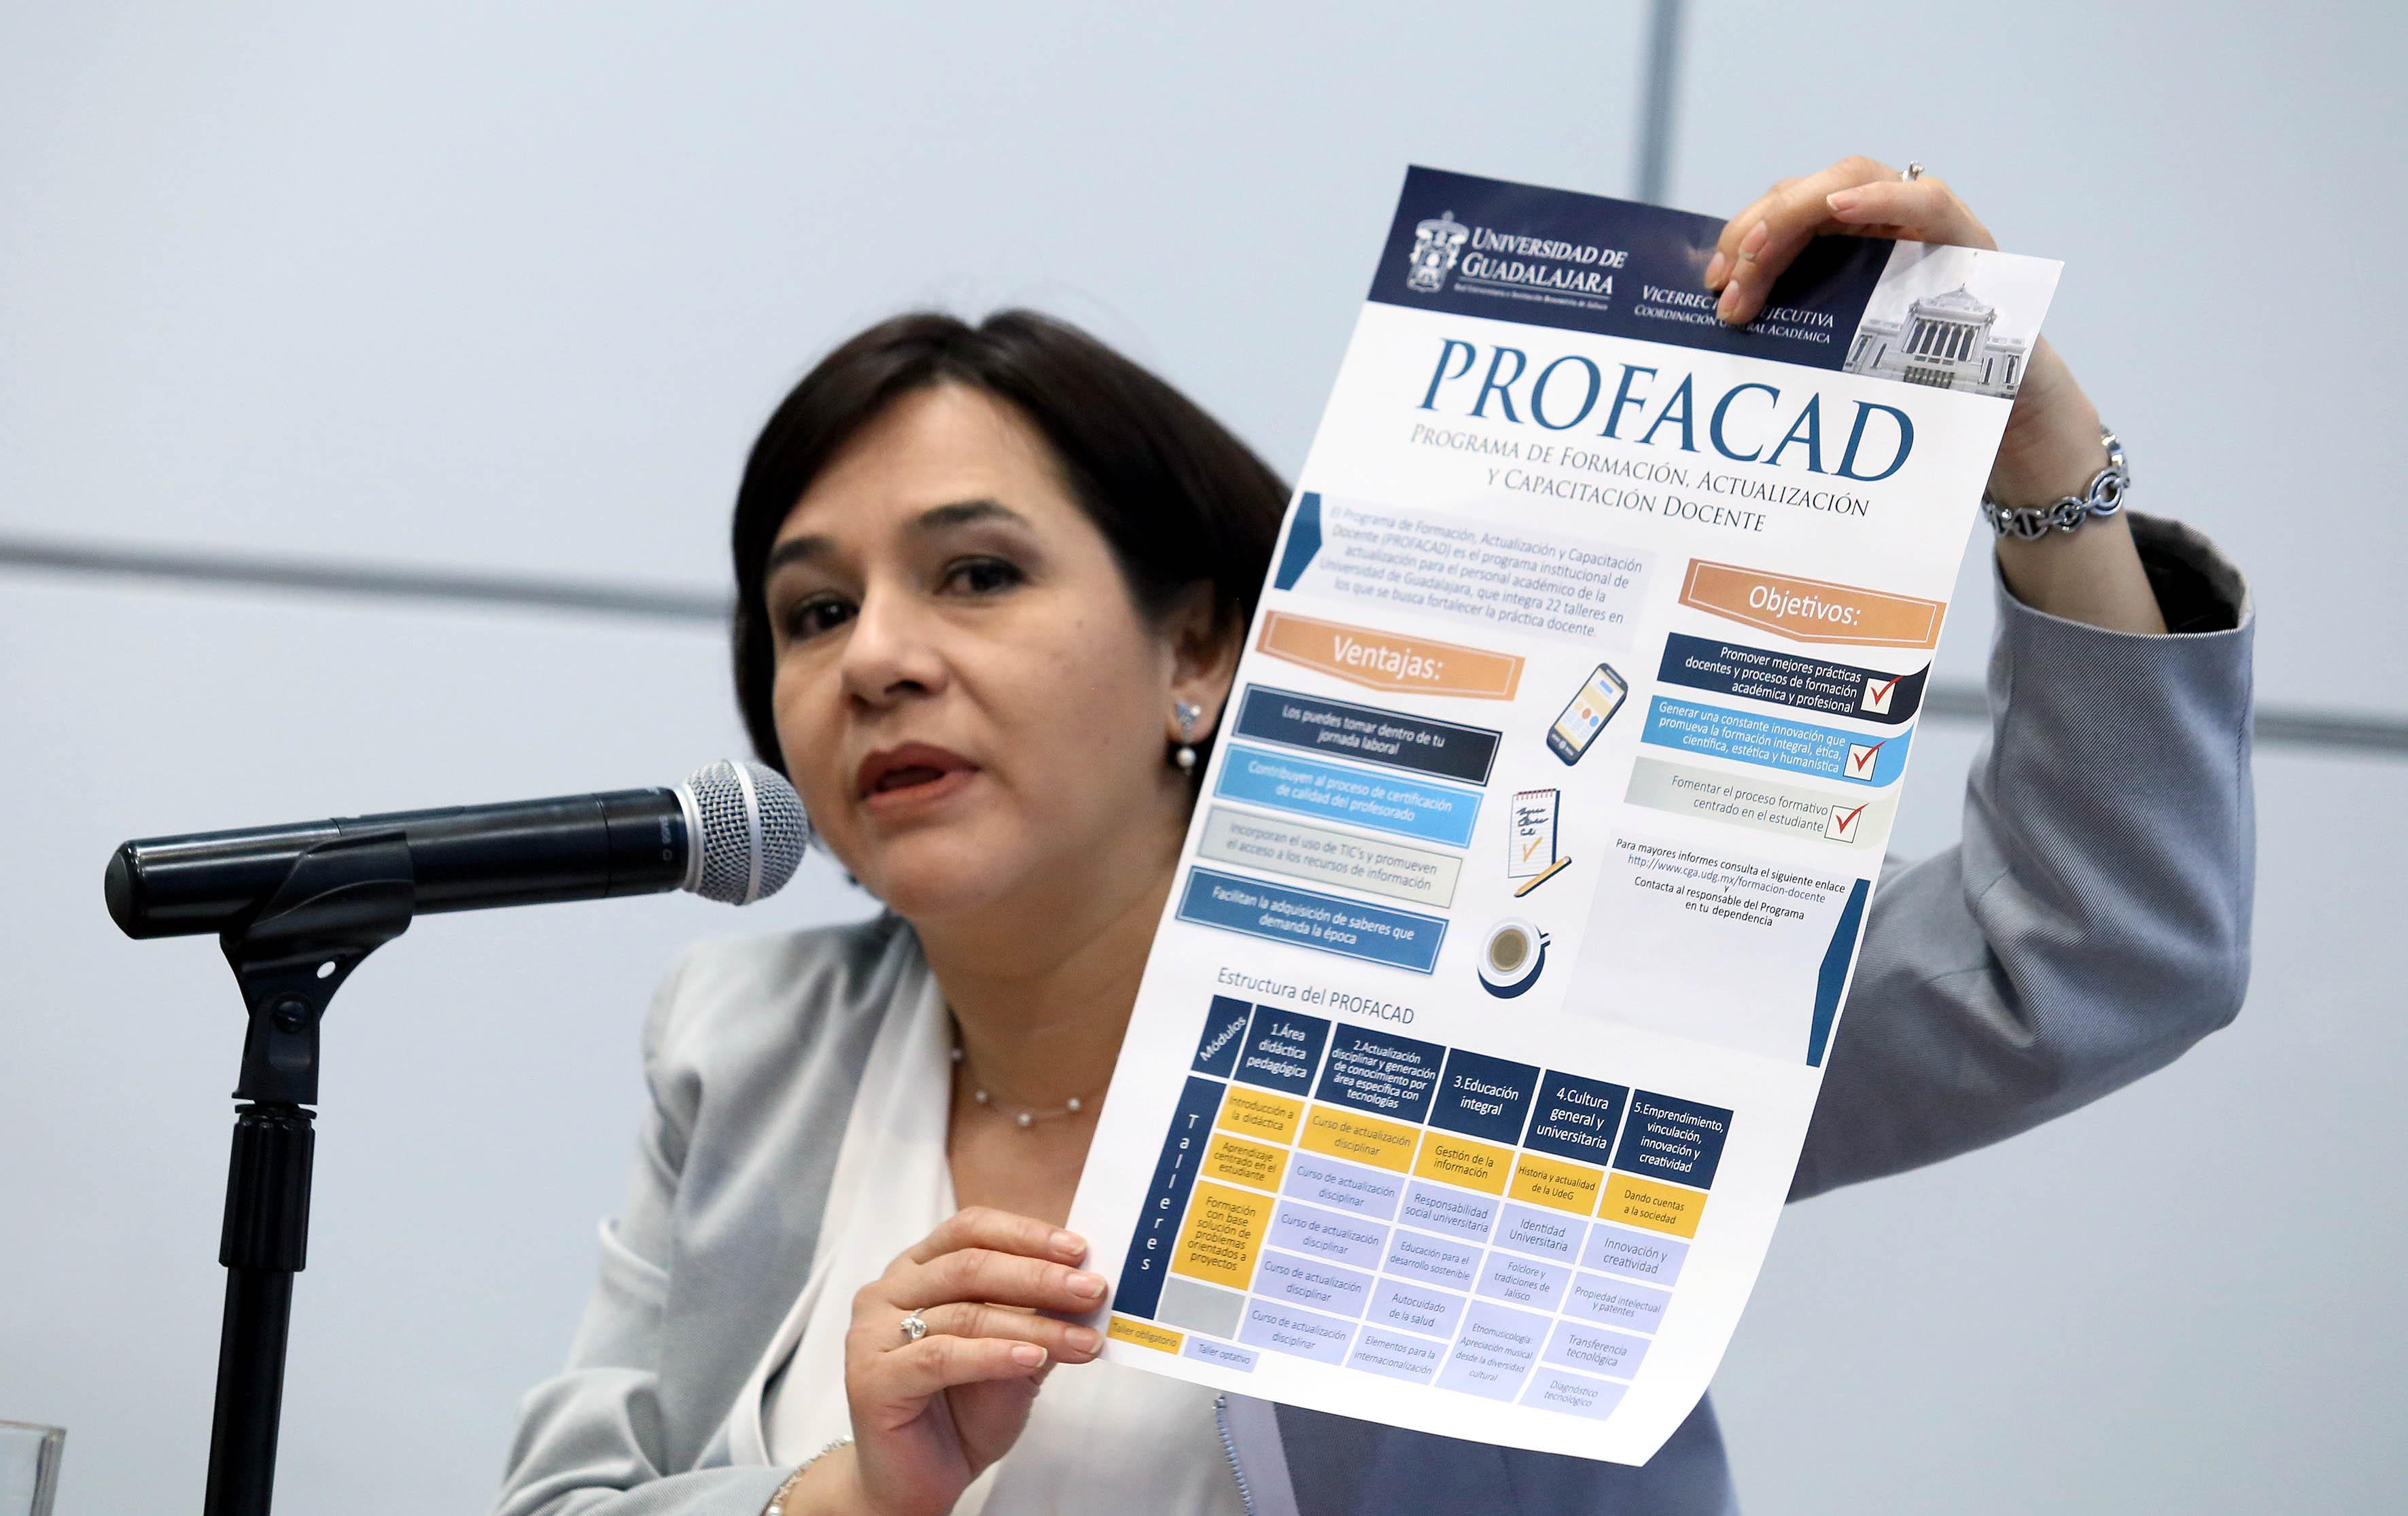 Mtra. Cintia Castro Sánchez, Responsable Ejecutiva de la PROFACAD, mostrando a los asistentes a la conferencia de prensa, el programa.